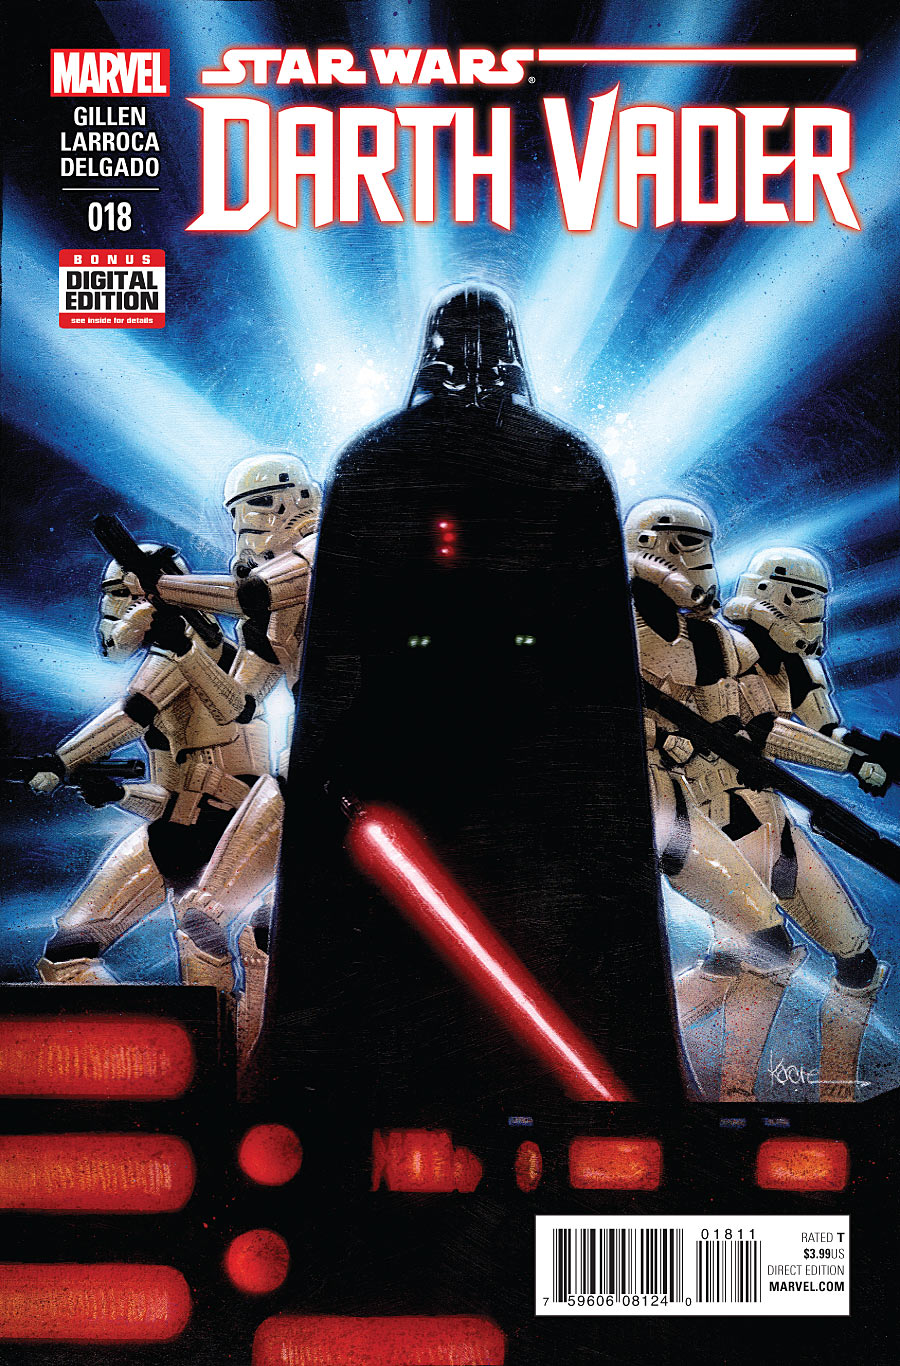 Star Wars: Darth Vader #18